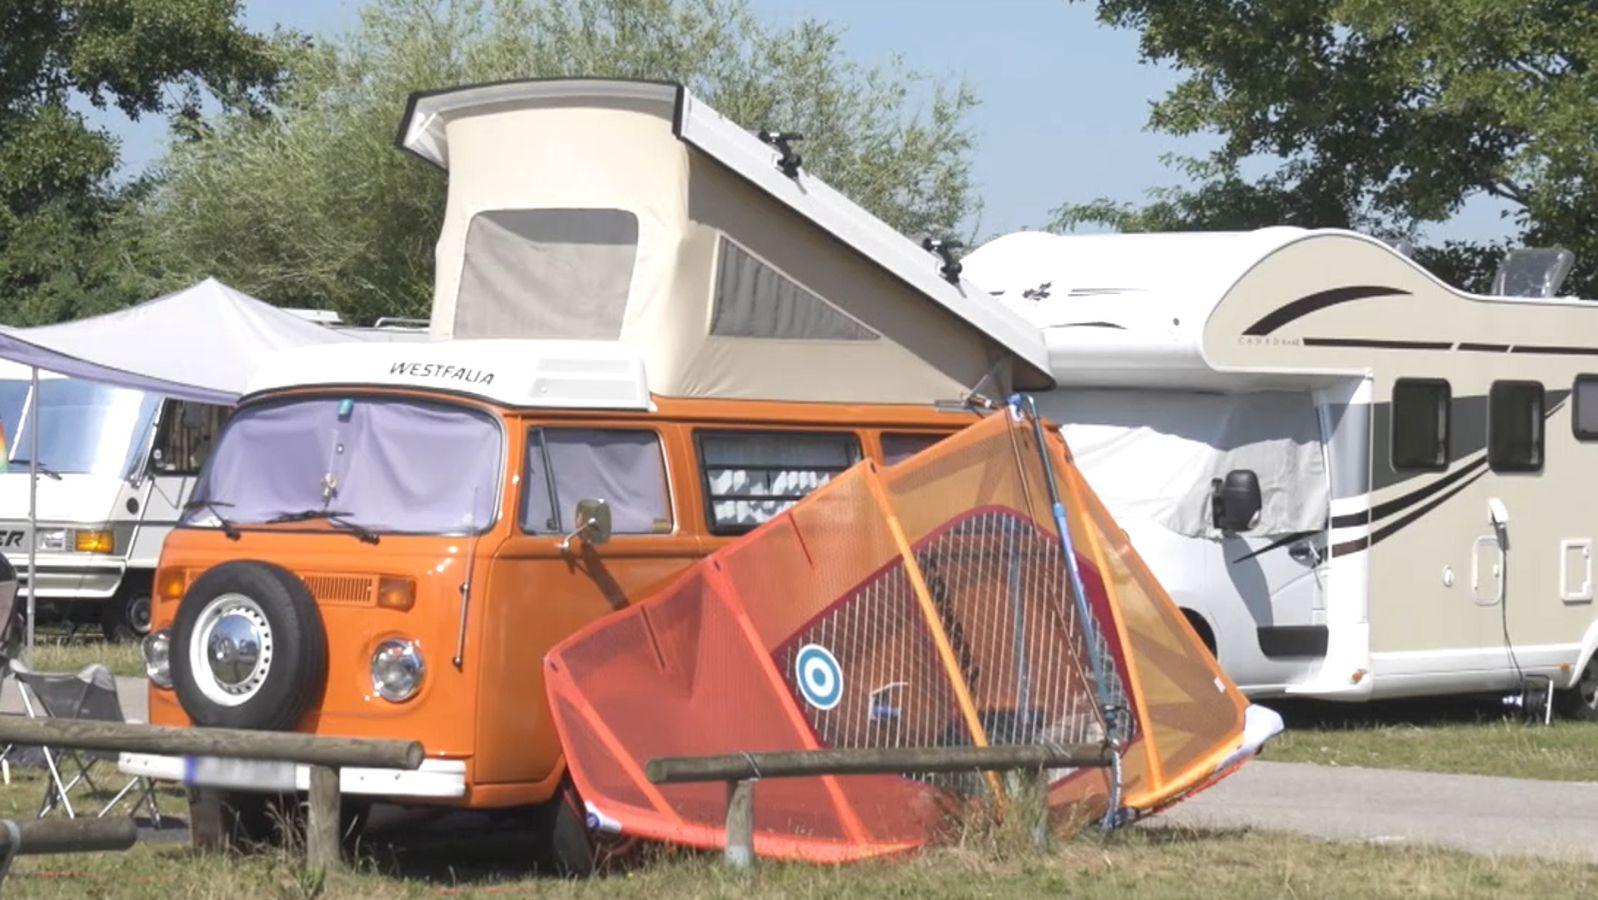 Wegen der Corona-Pandemie verreisen viele Menschen innerhalb Deutschlands.  Besonders beliebt sind Wohnmobile und Camper. Im Fränkischen Seenland wird  es deshalb in diesem Sommer auf den Campingplätzen